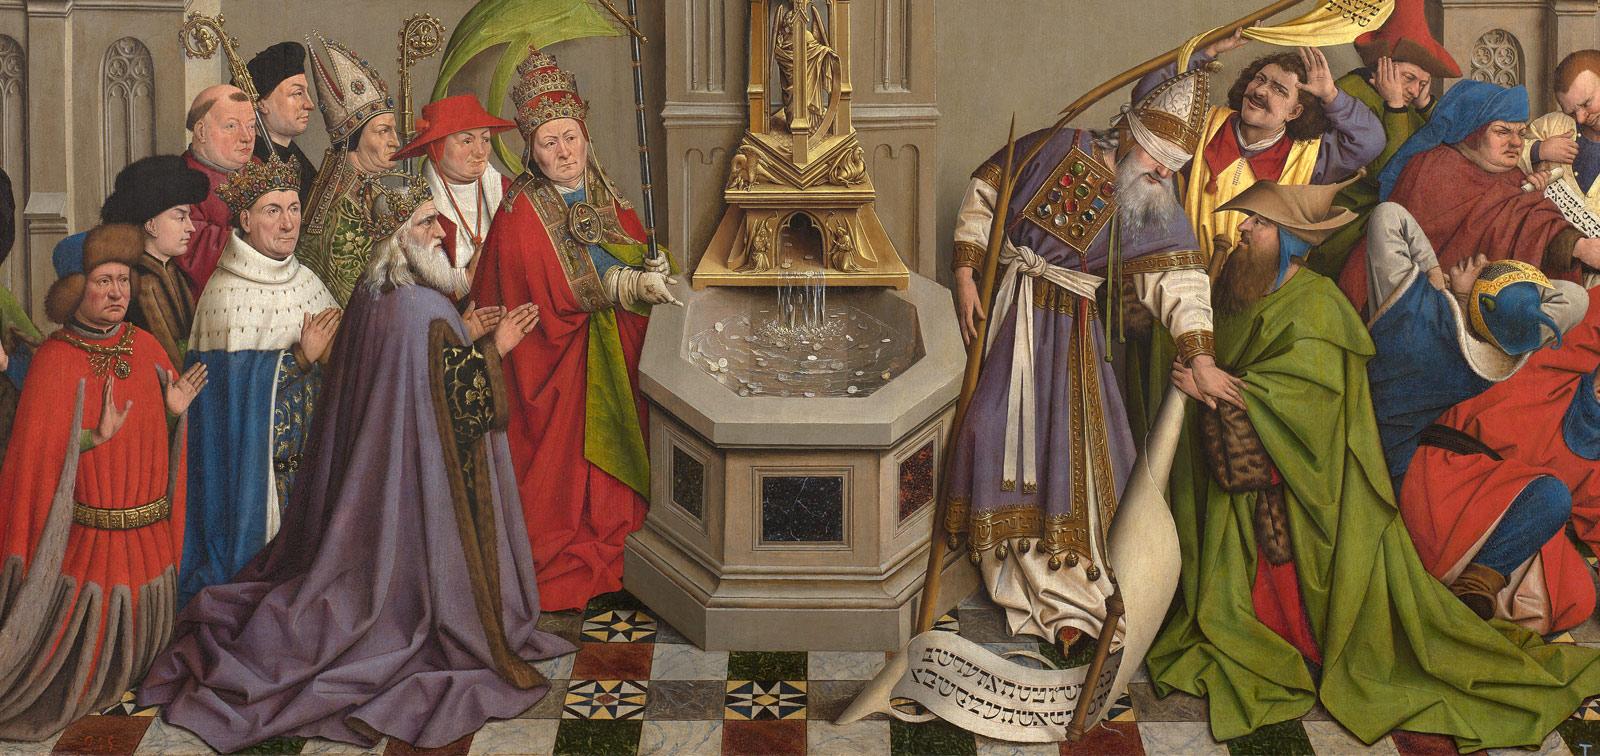 Exposición. La Fuente de la Gracia. Una tabla del entorno de Jan van Eyck